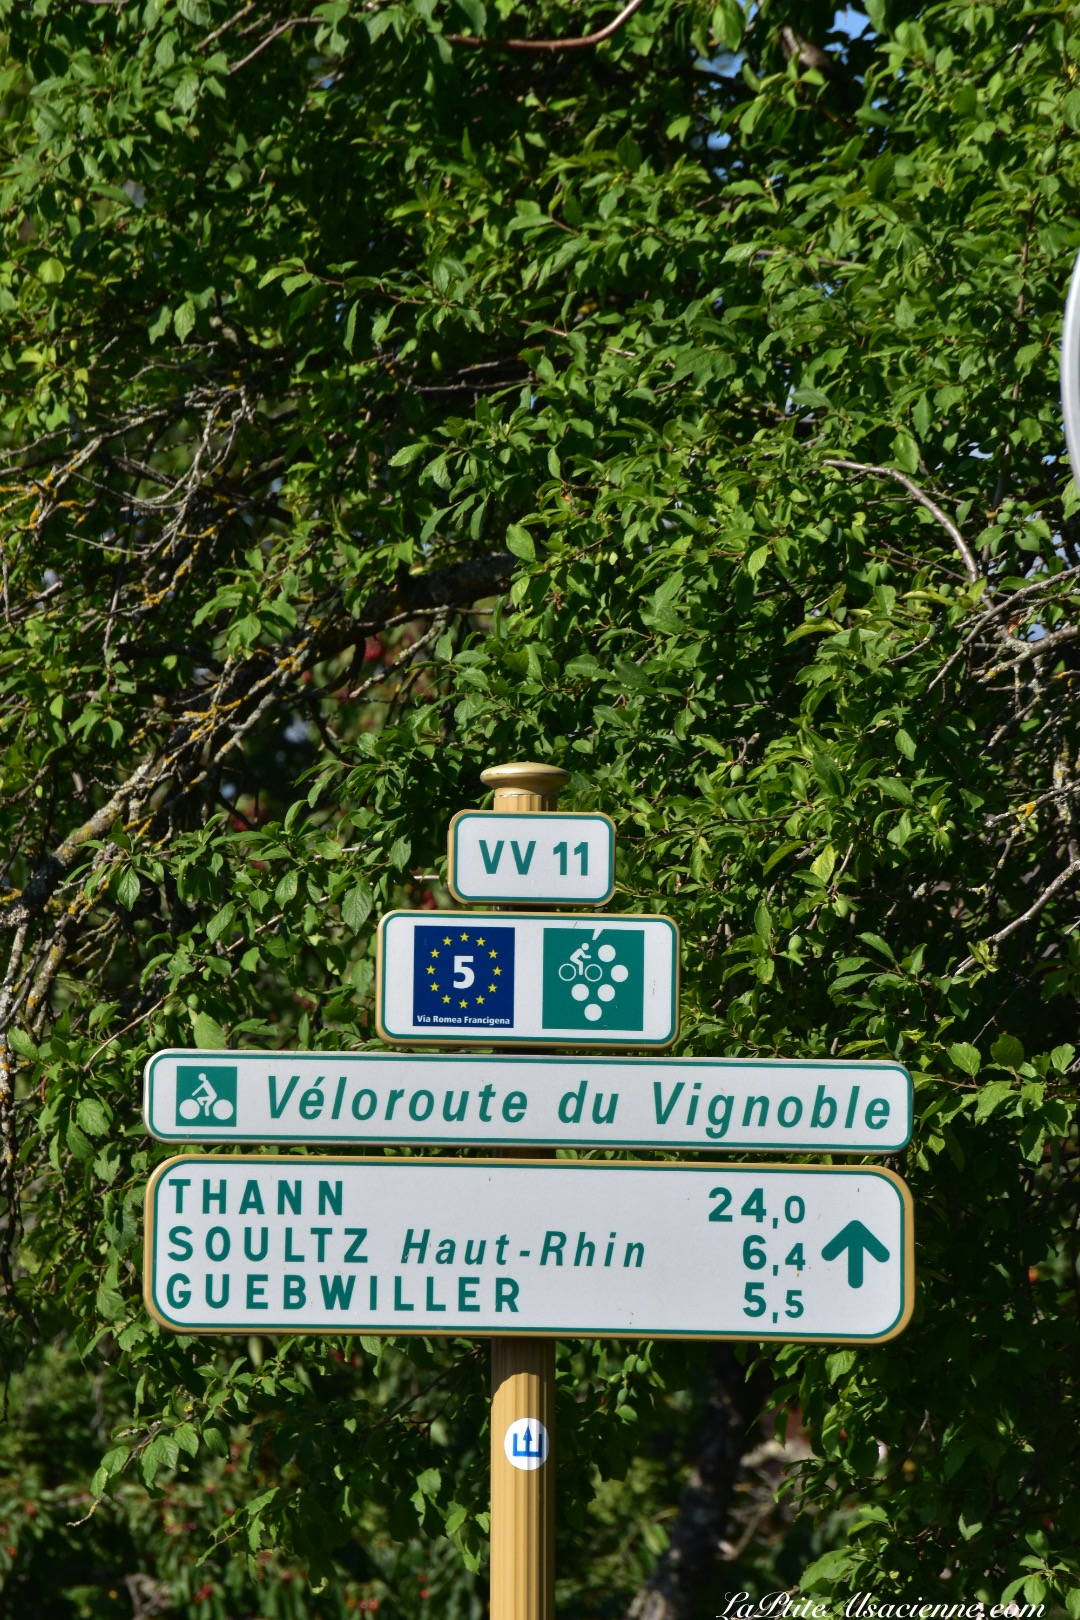 Les pistes cyclables en Alsace, sur la route des vins - Photo by Cendrine Miesch dite LaPtiteAlsacienne